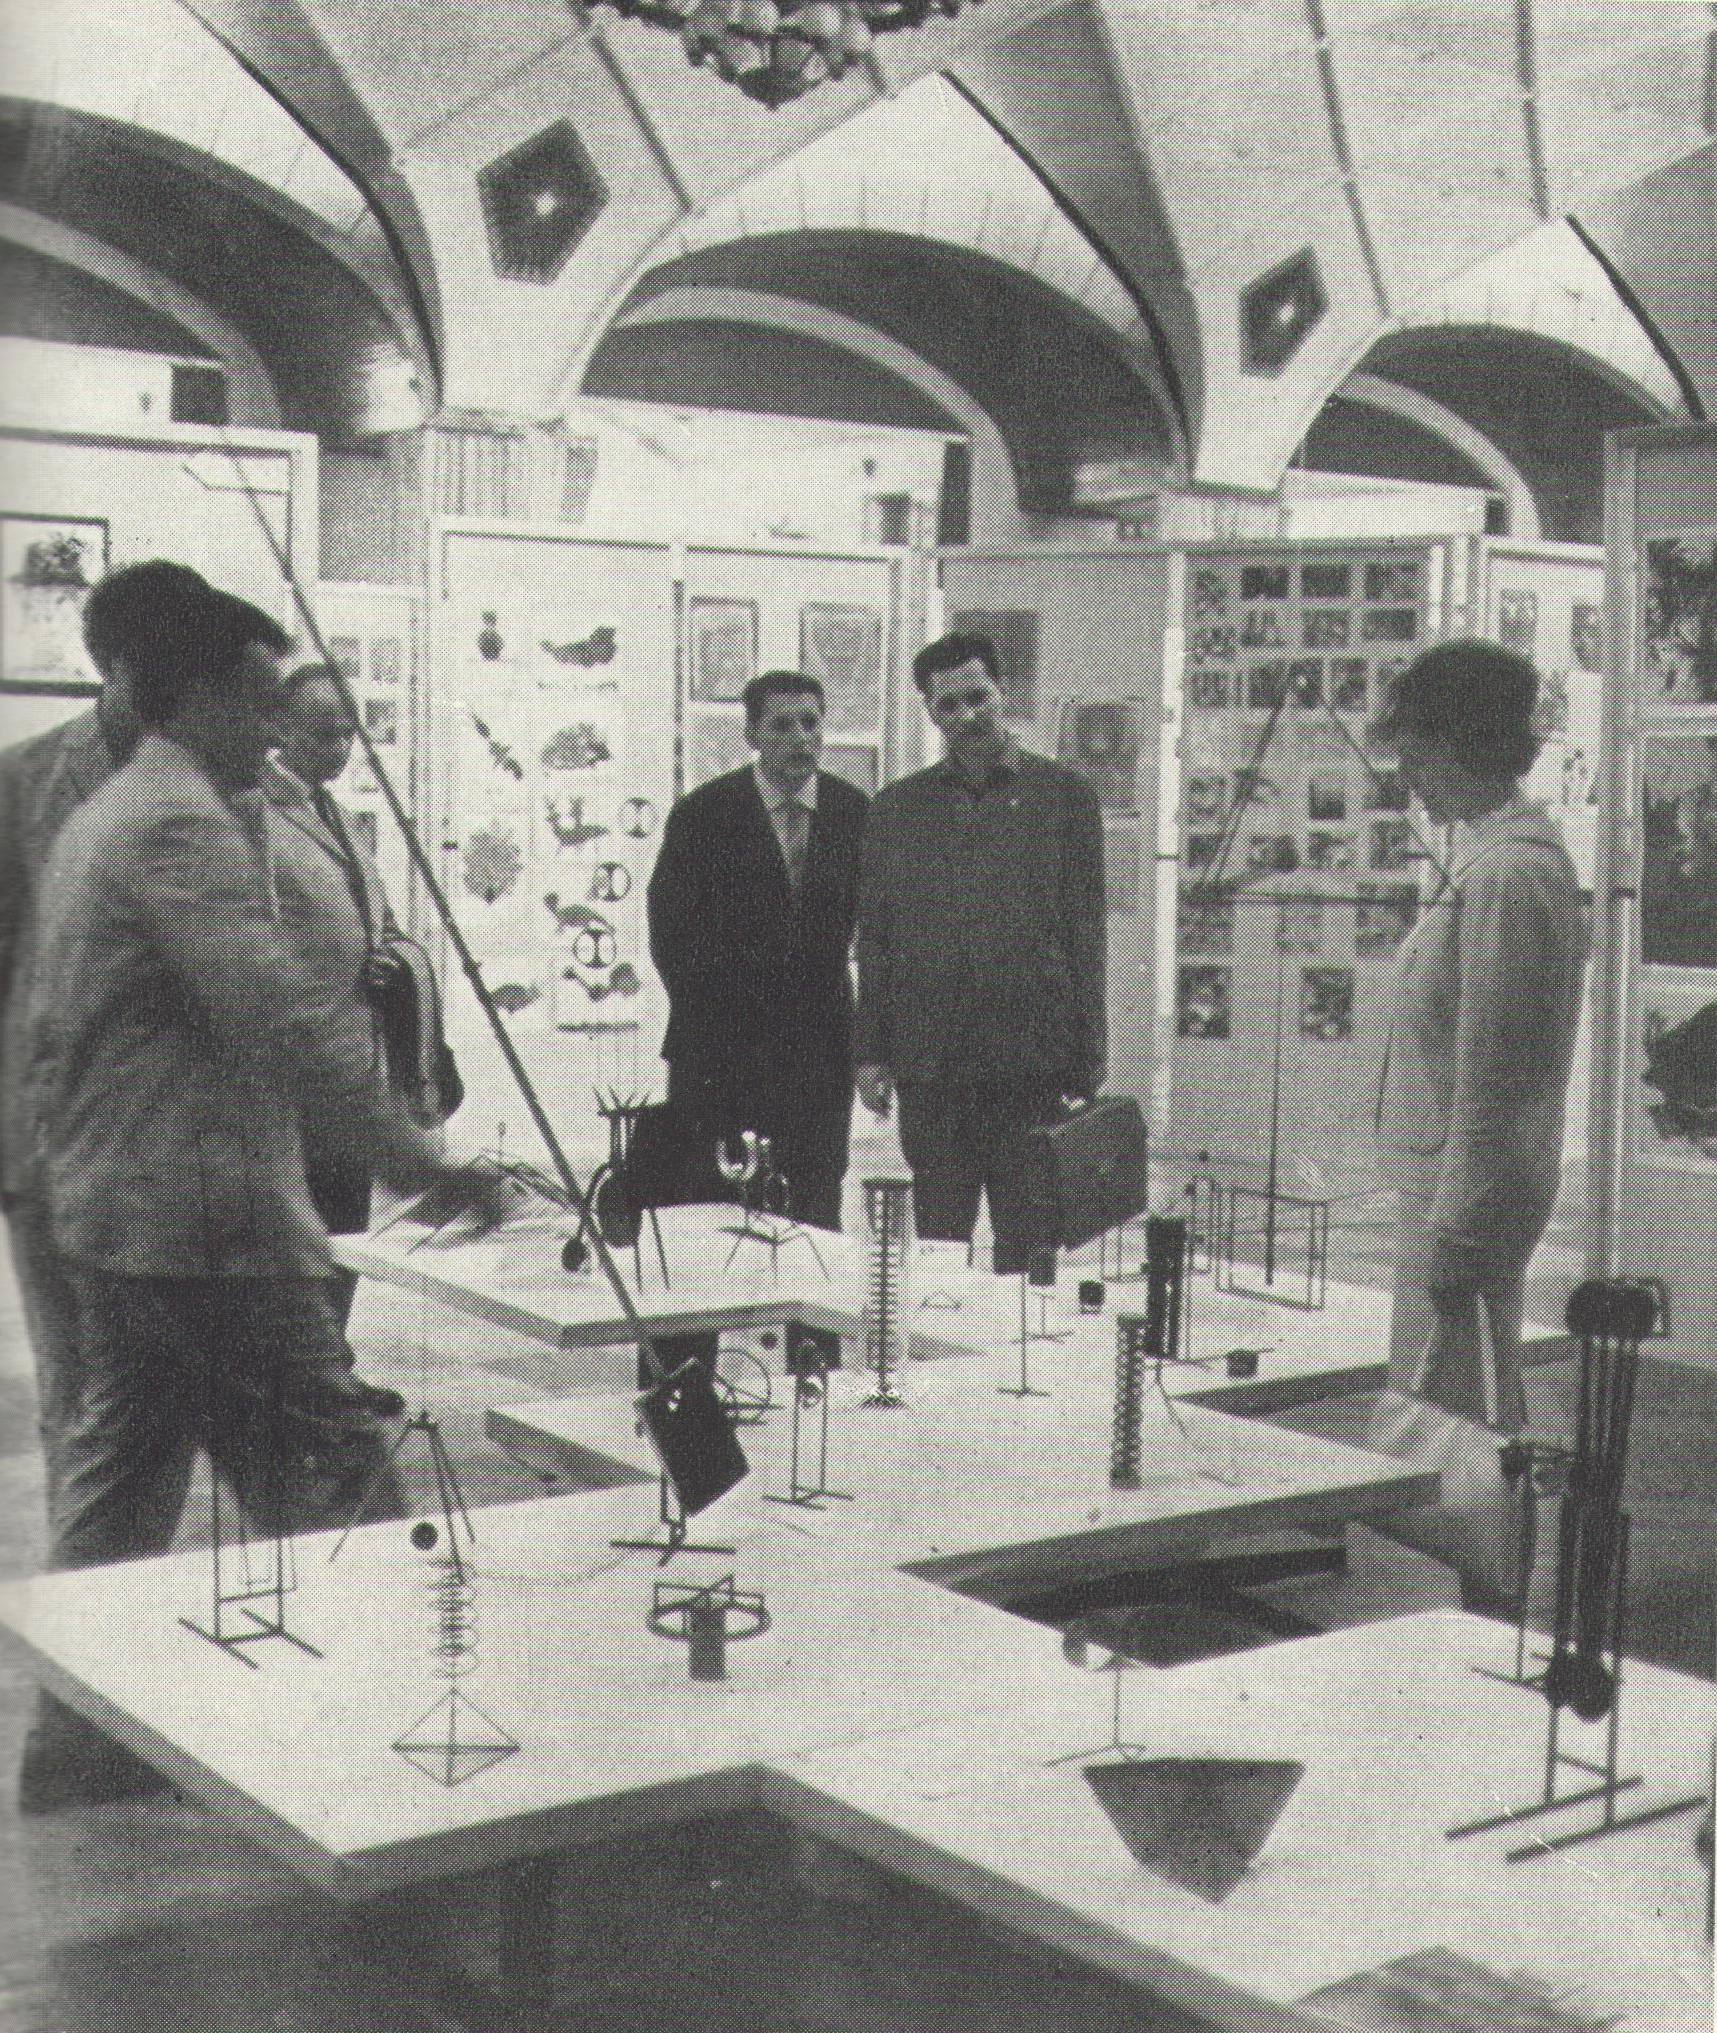 Účastníci kongresu před expozicí mobilních objektů prof. W. Gailise